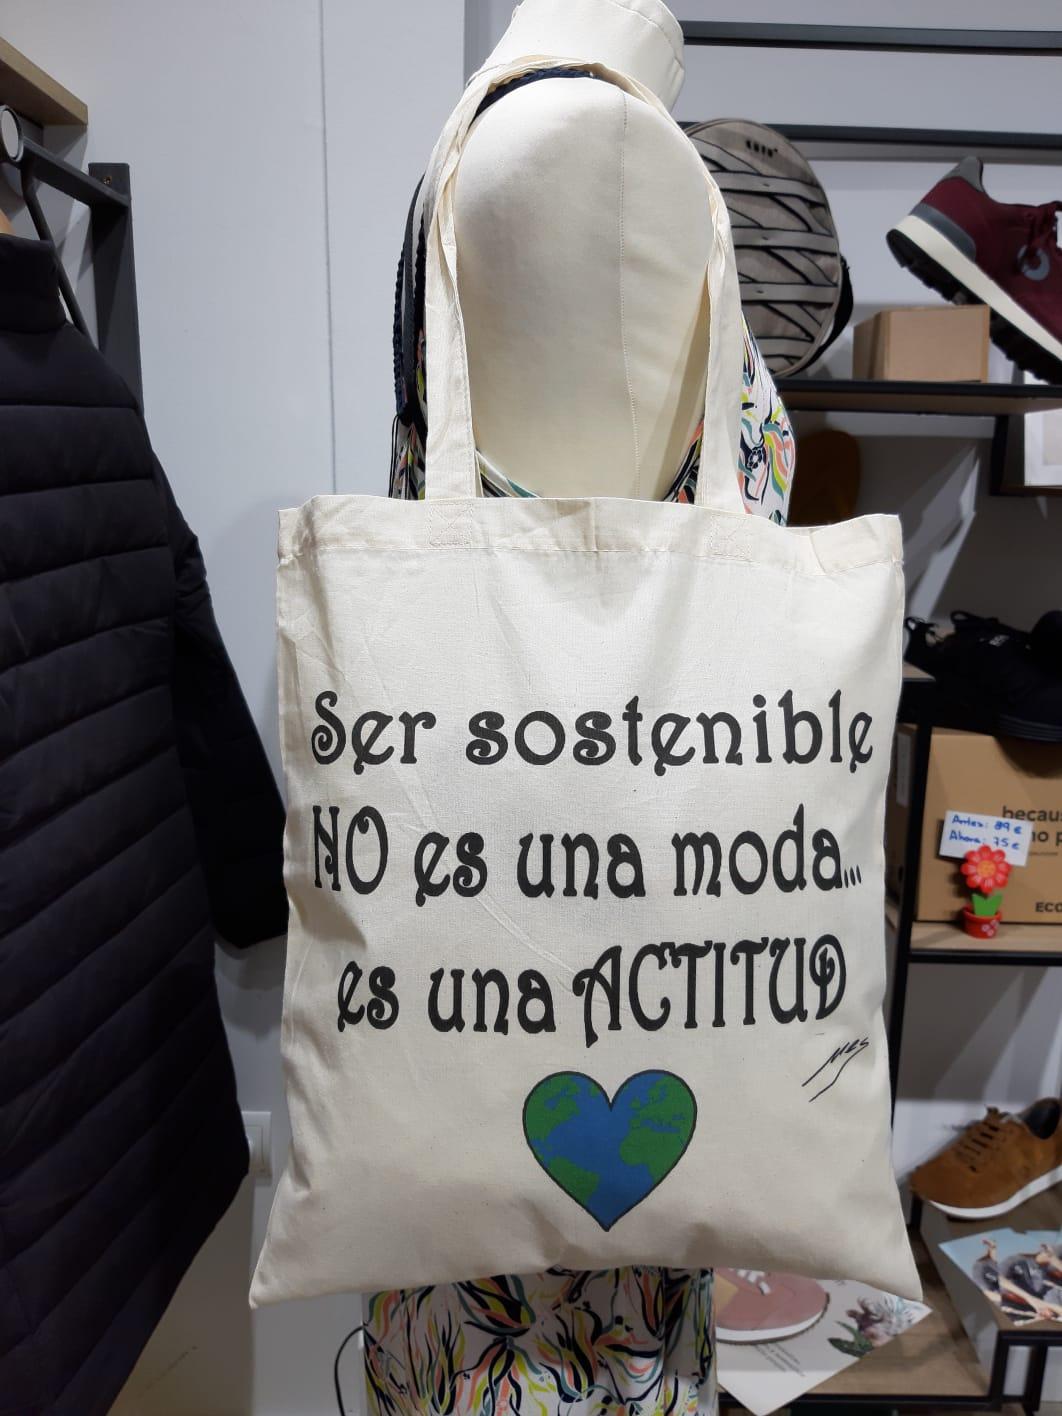 Tienda especializada en las mejores marcas de Ropa Ética, Sostenible y de algodón orgánico en Granada y Jaén. SKFK, Skunkfunk, PAN Producto Básico BOLSA ACTITUD